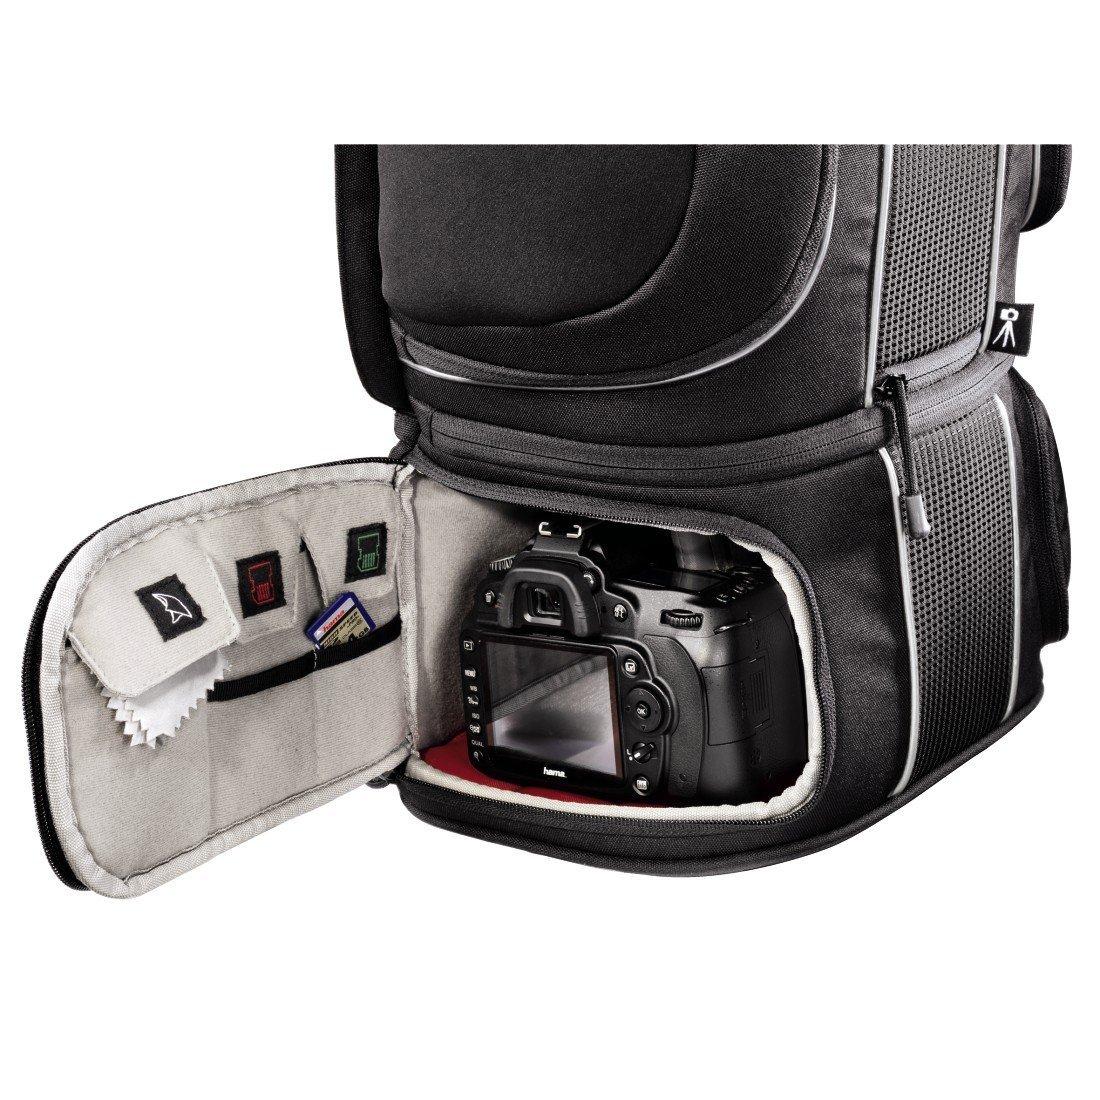 Hama Kamerarucksack Für Zwei Spiegelreflexkameras Und Objektive 3